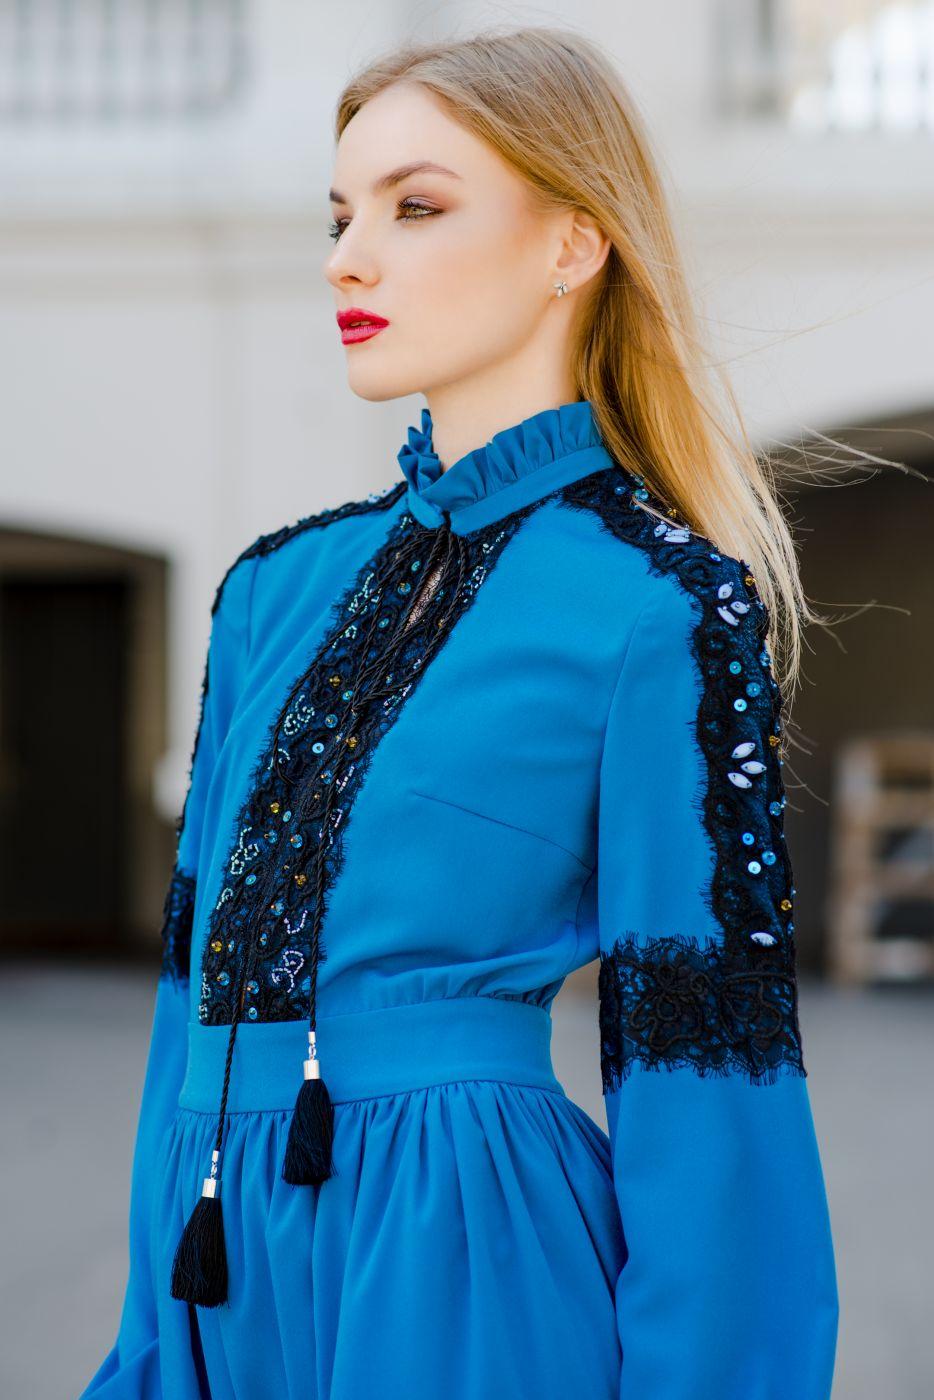 Платье длинное вечернее синего цвета Roman Rush